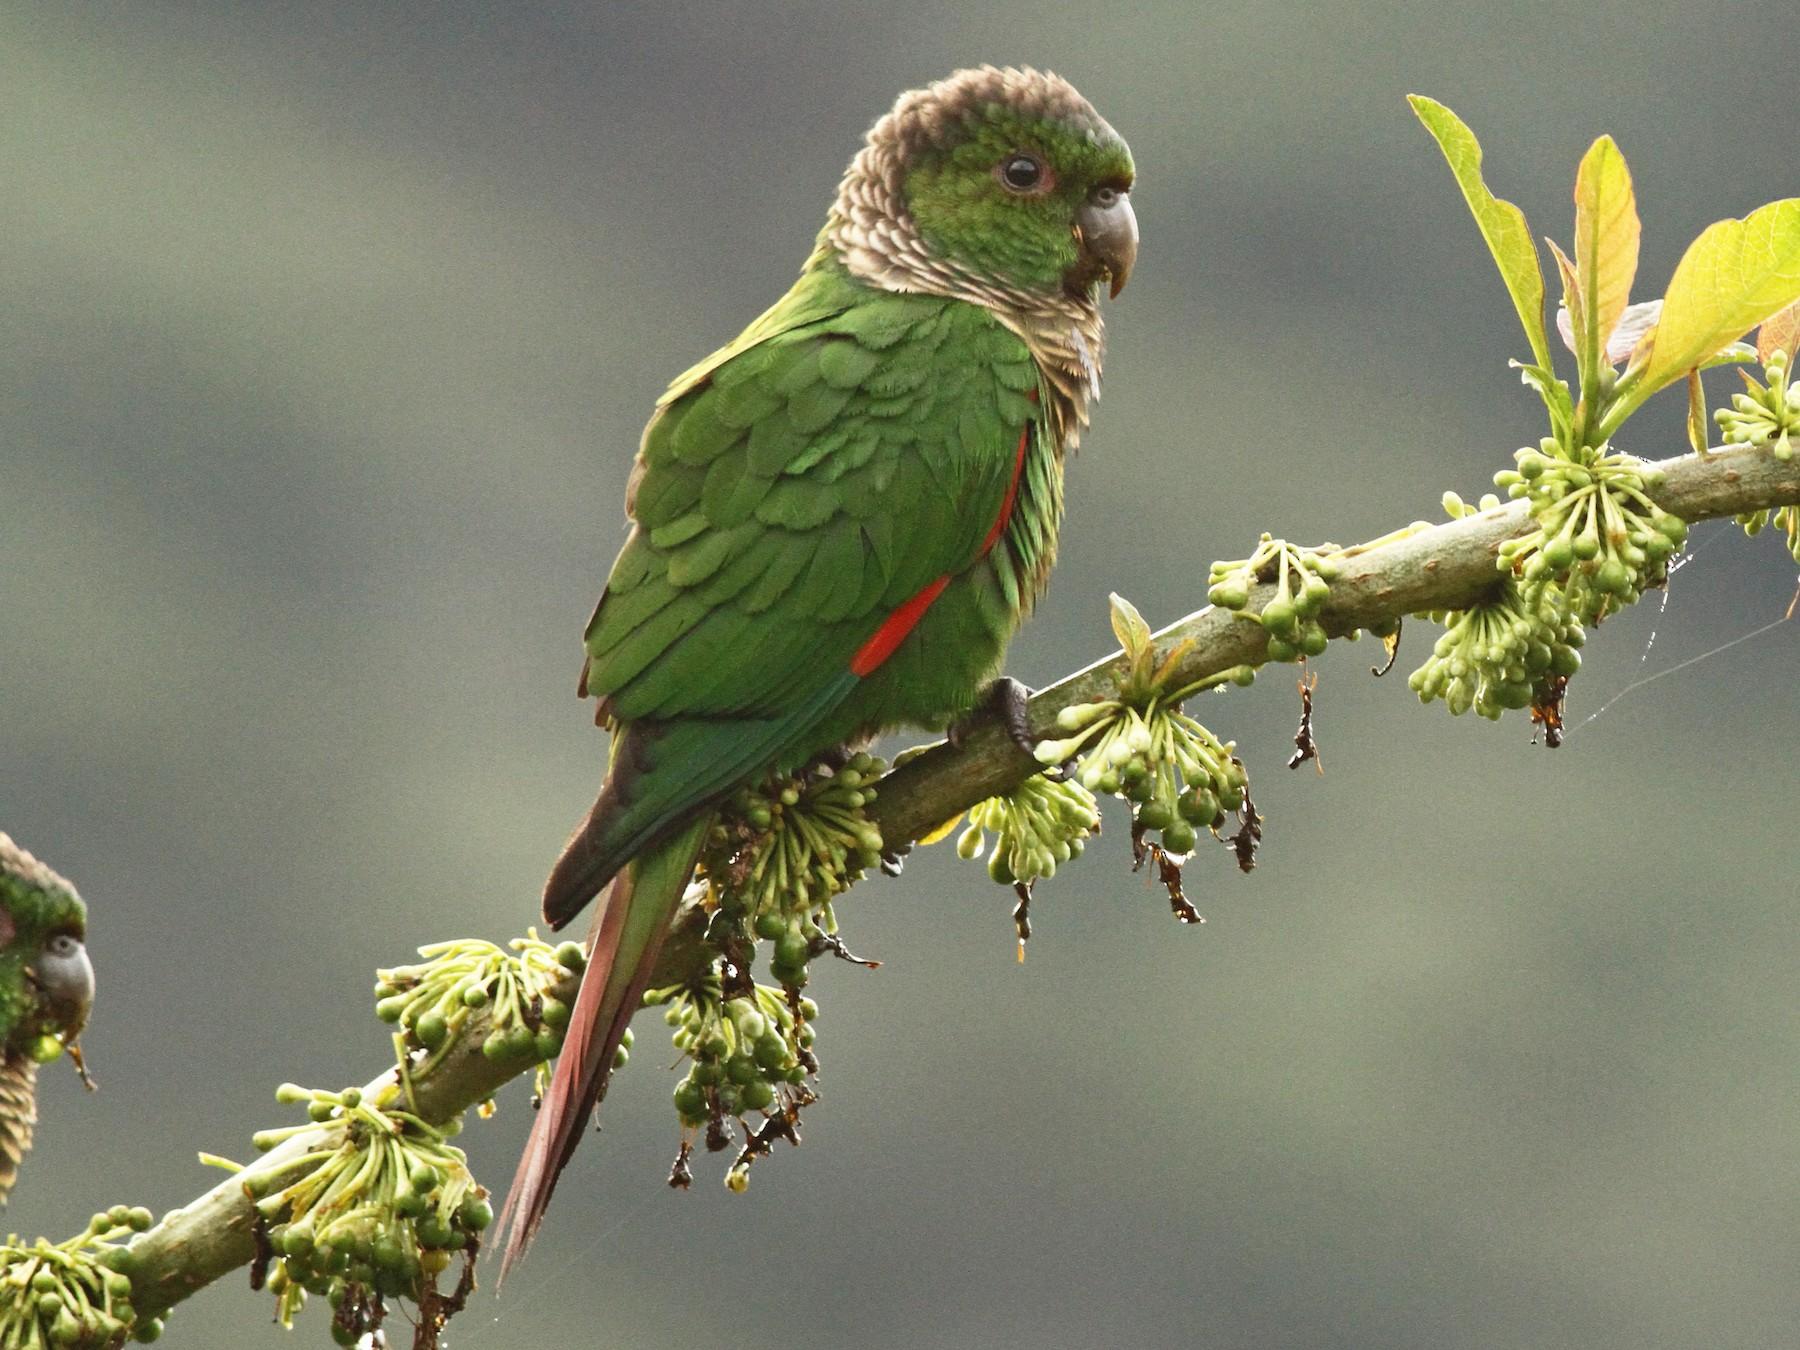 Maroon-tailed Parakeet - Luke Seitz